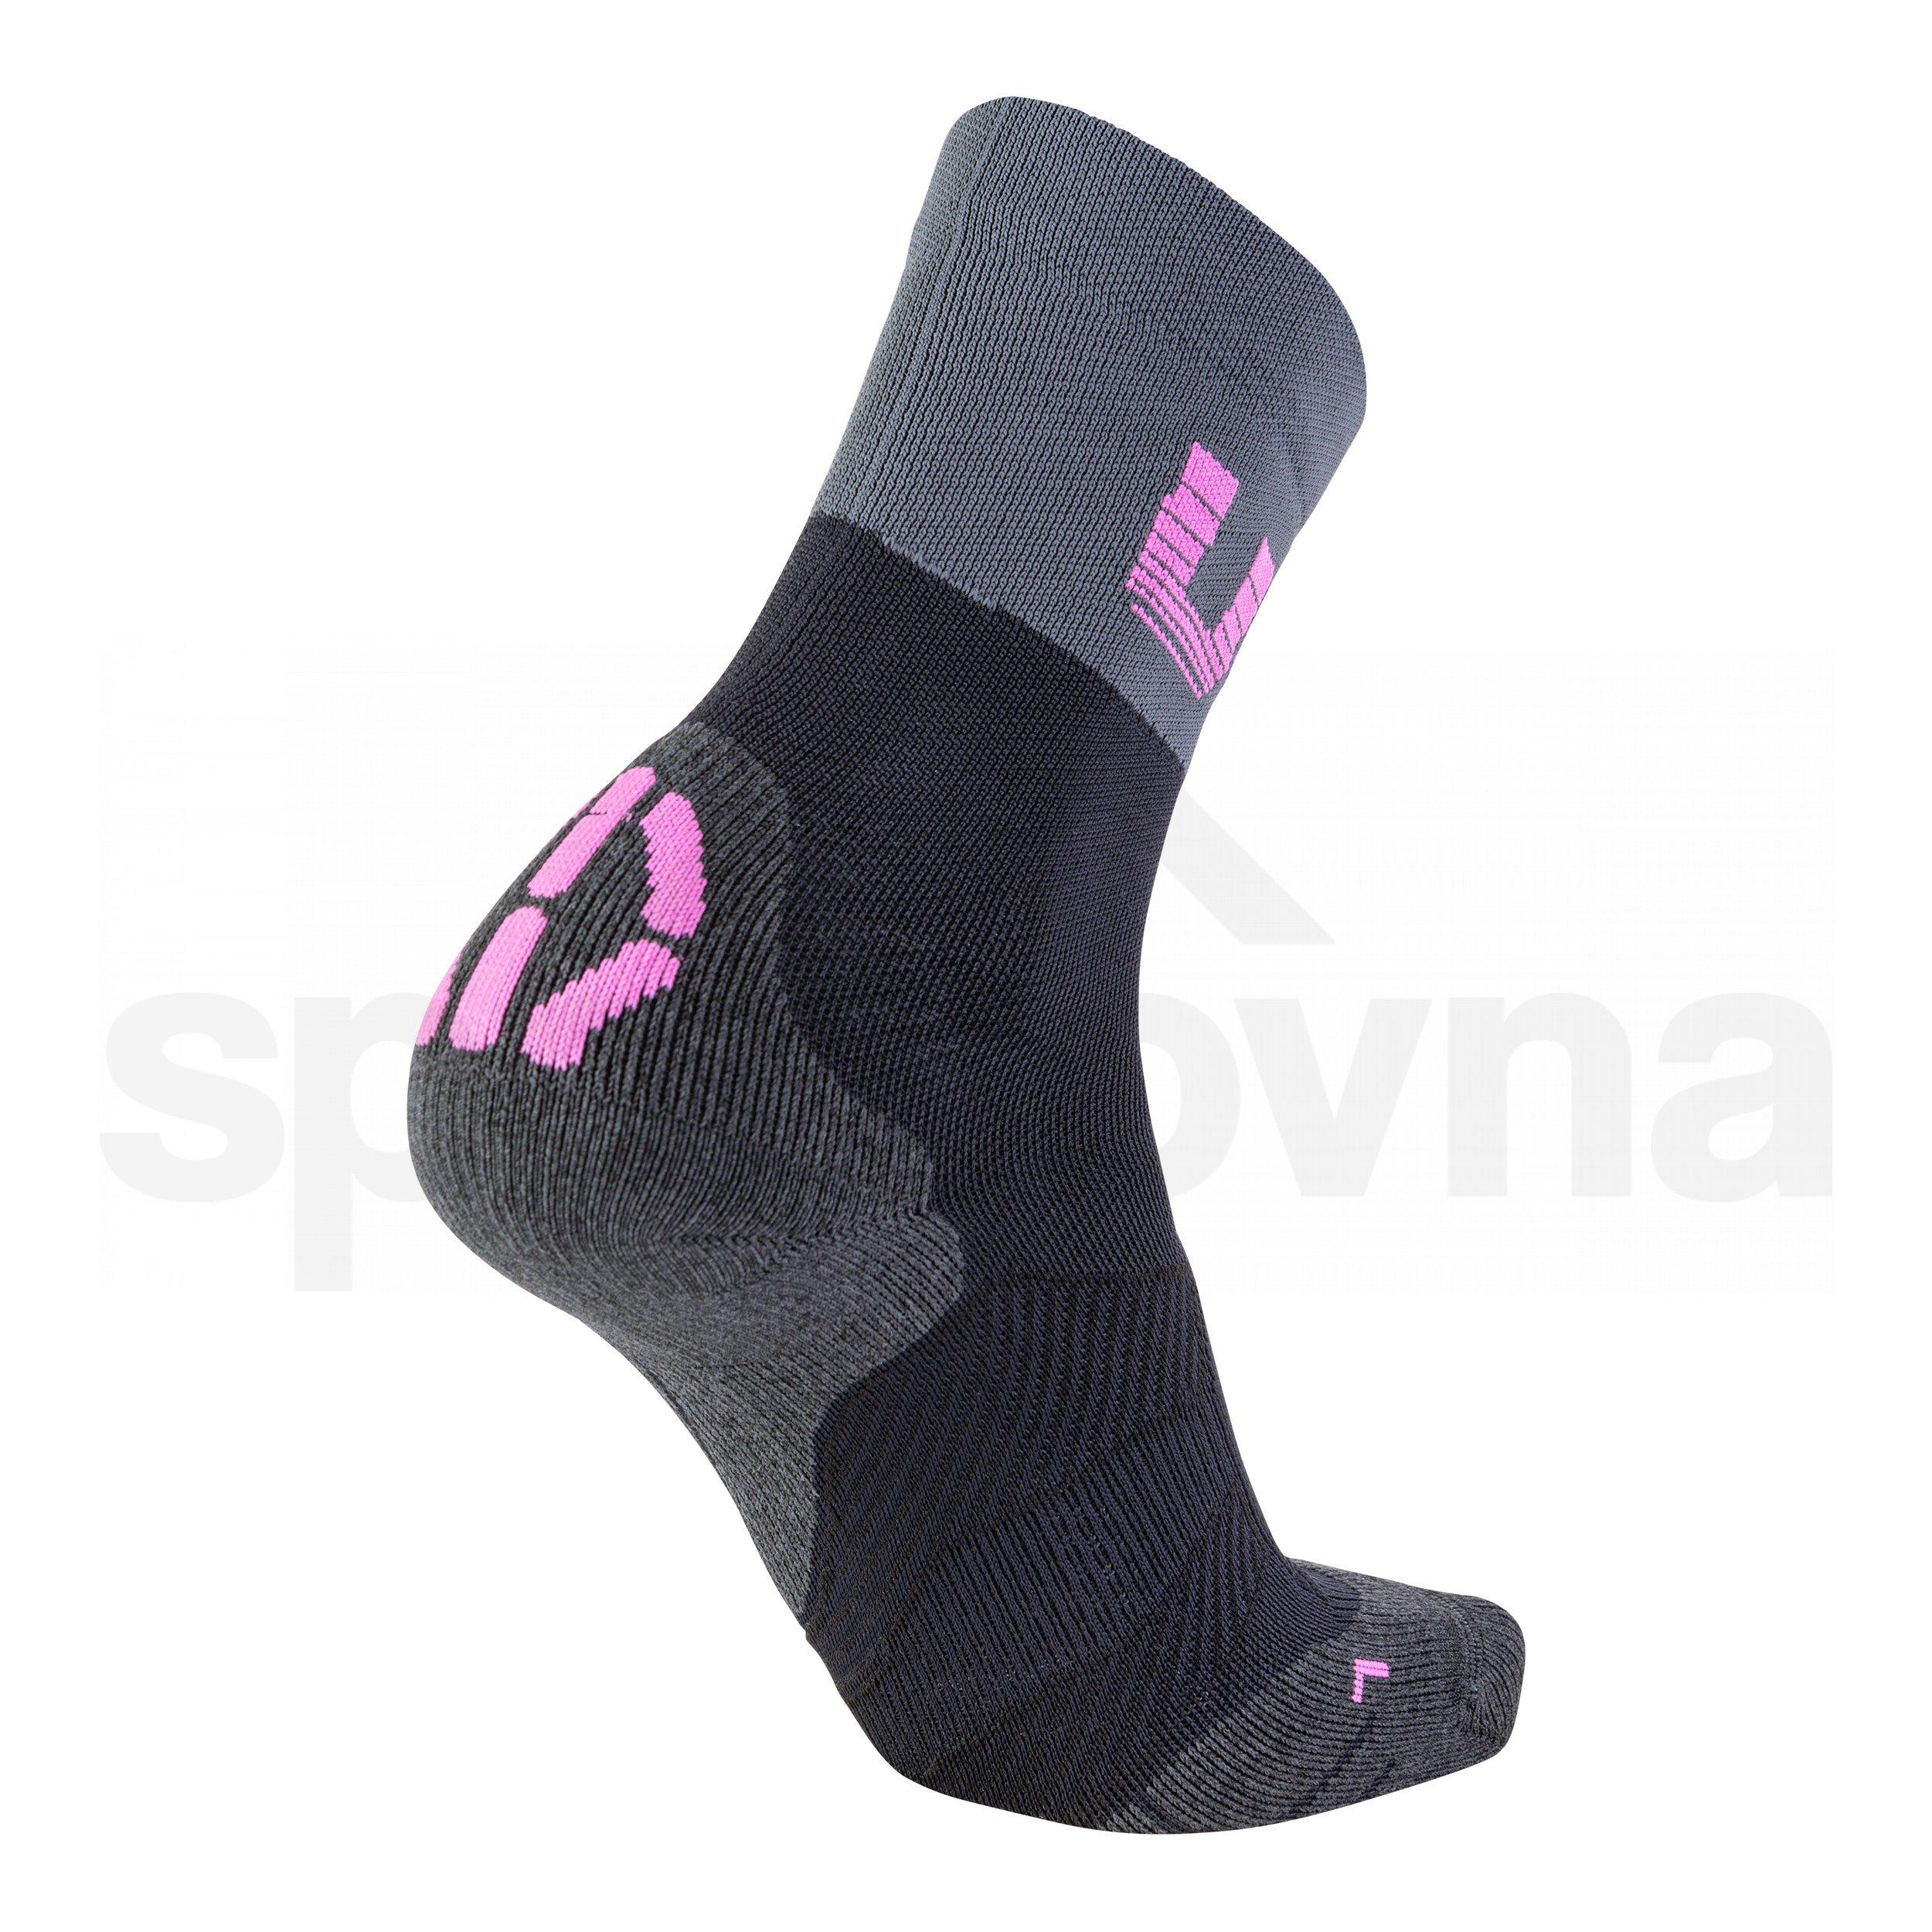 Ponožky UYN Cycling Light Socks W - černá/šedá/růžová